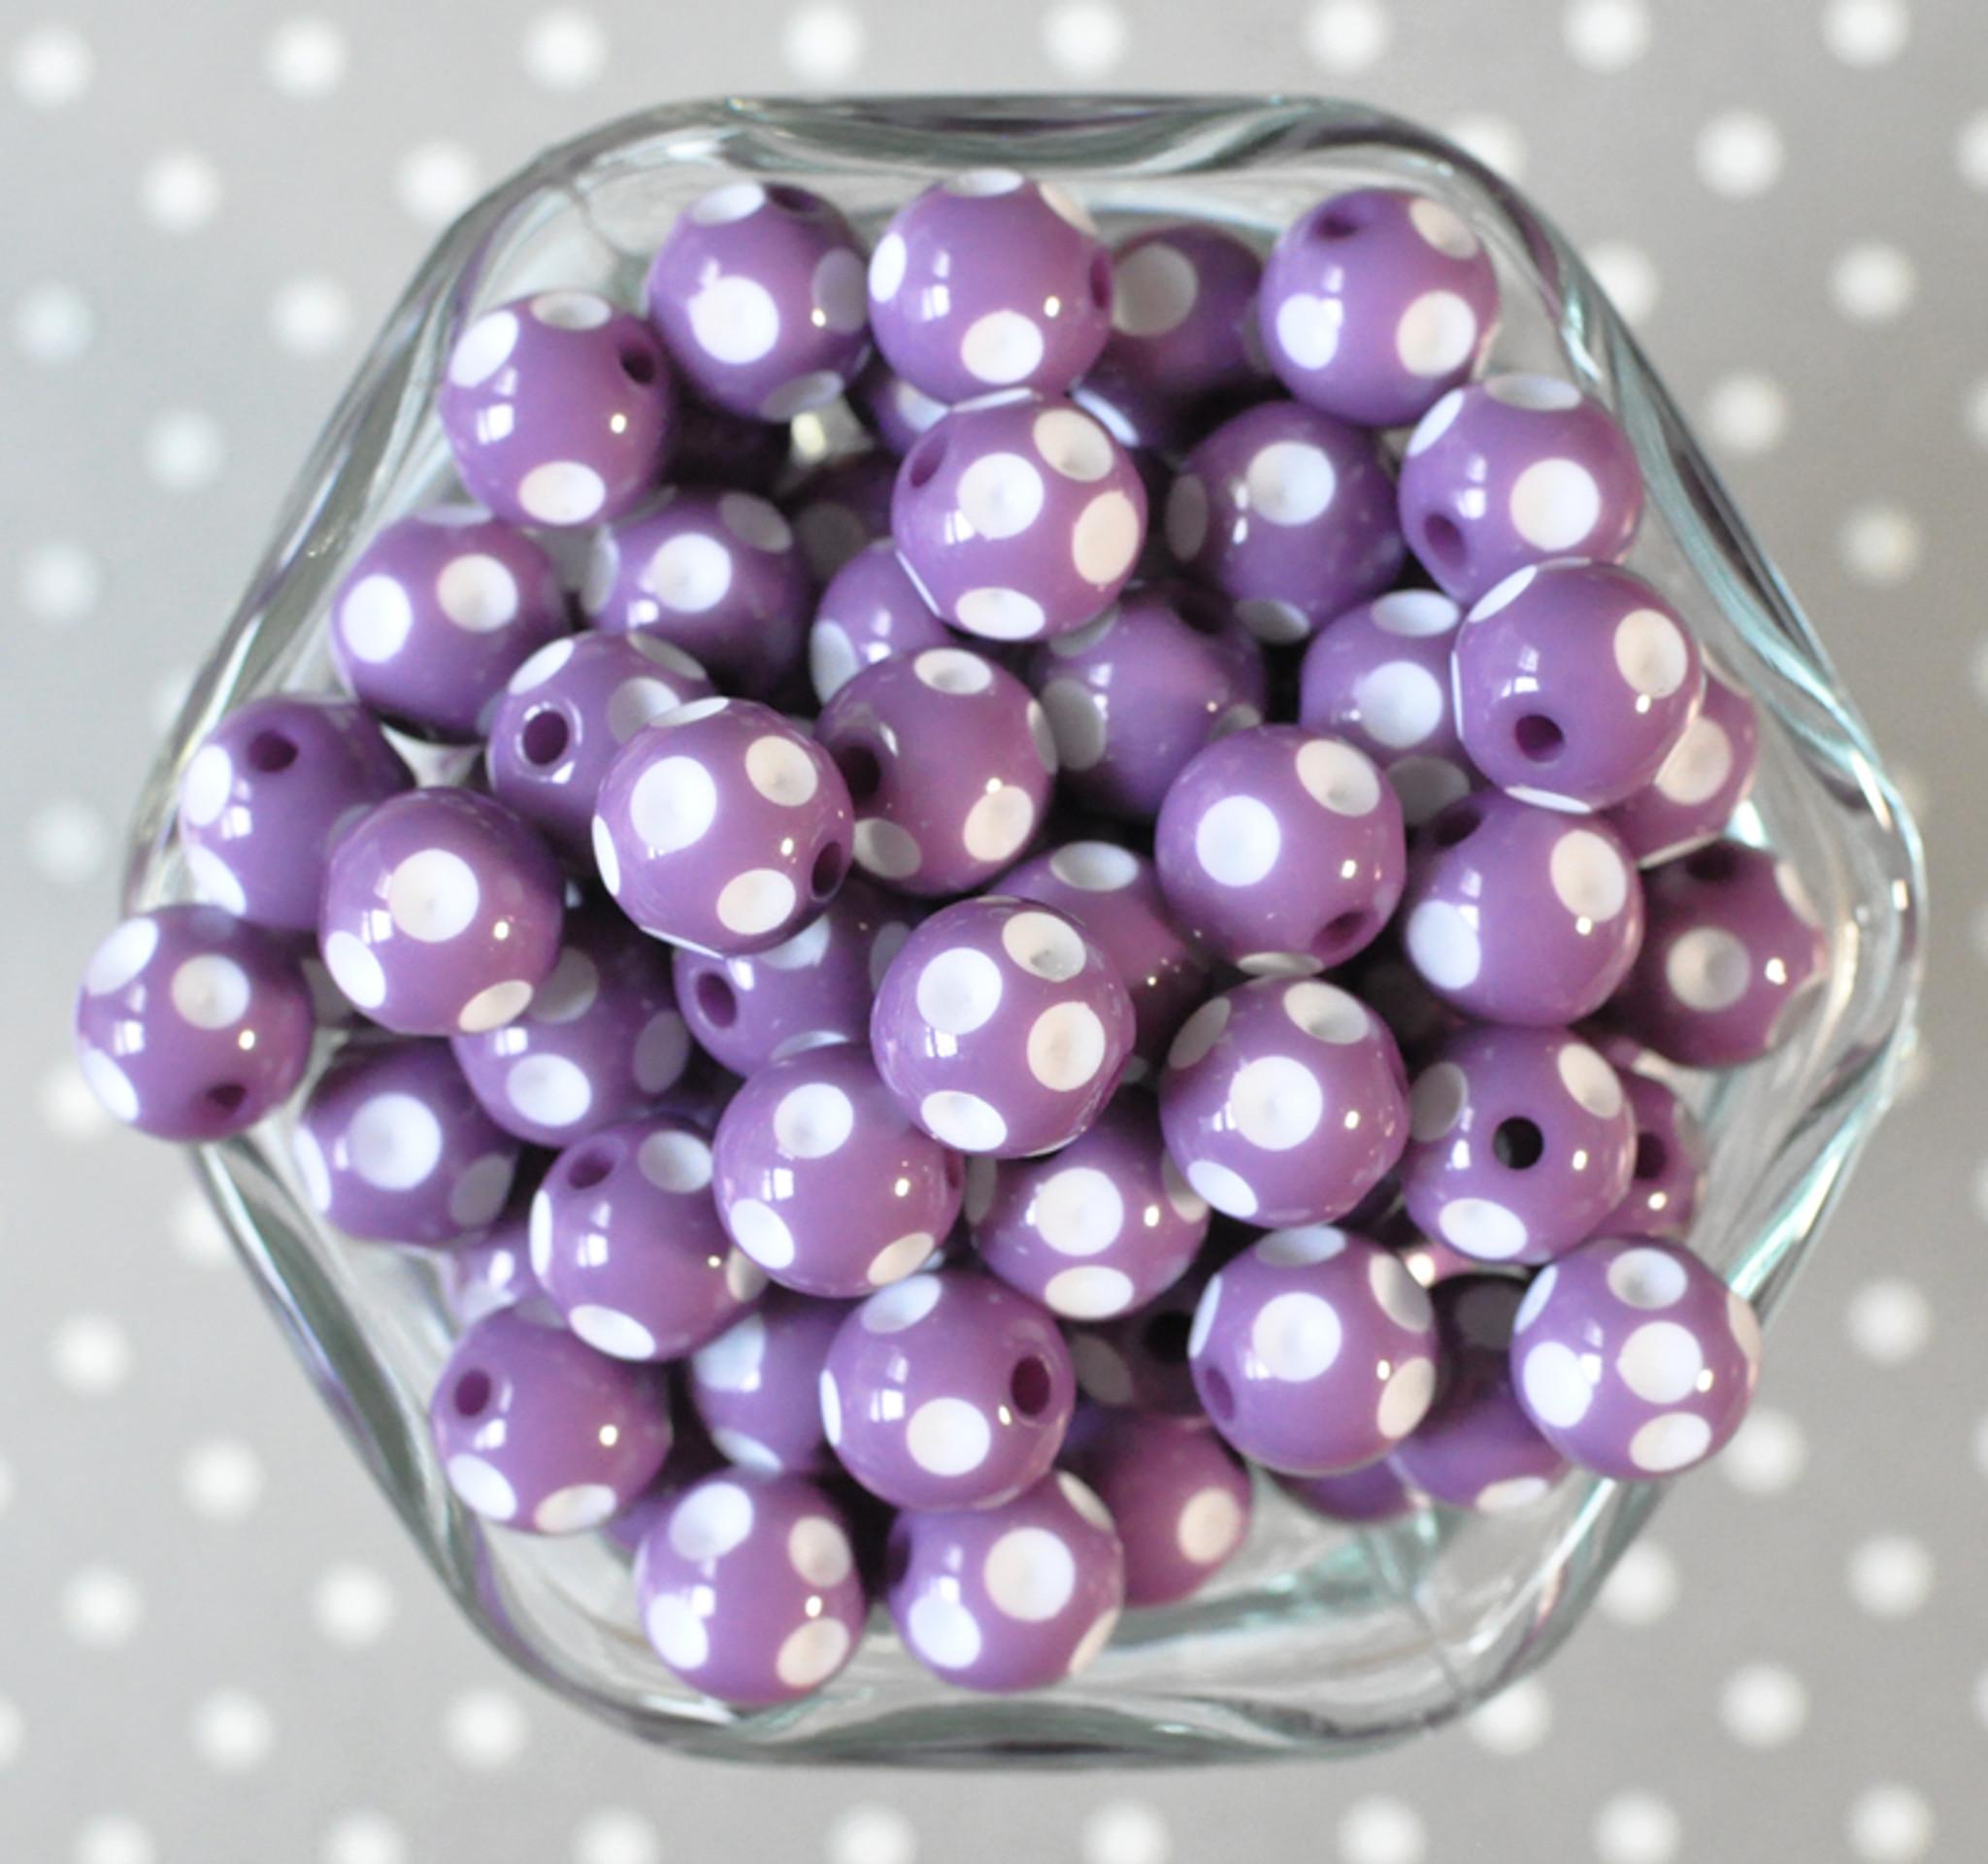 12mm Dark orchid purple polka dot bubblegum beads